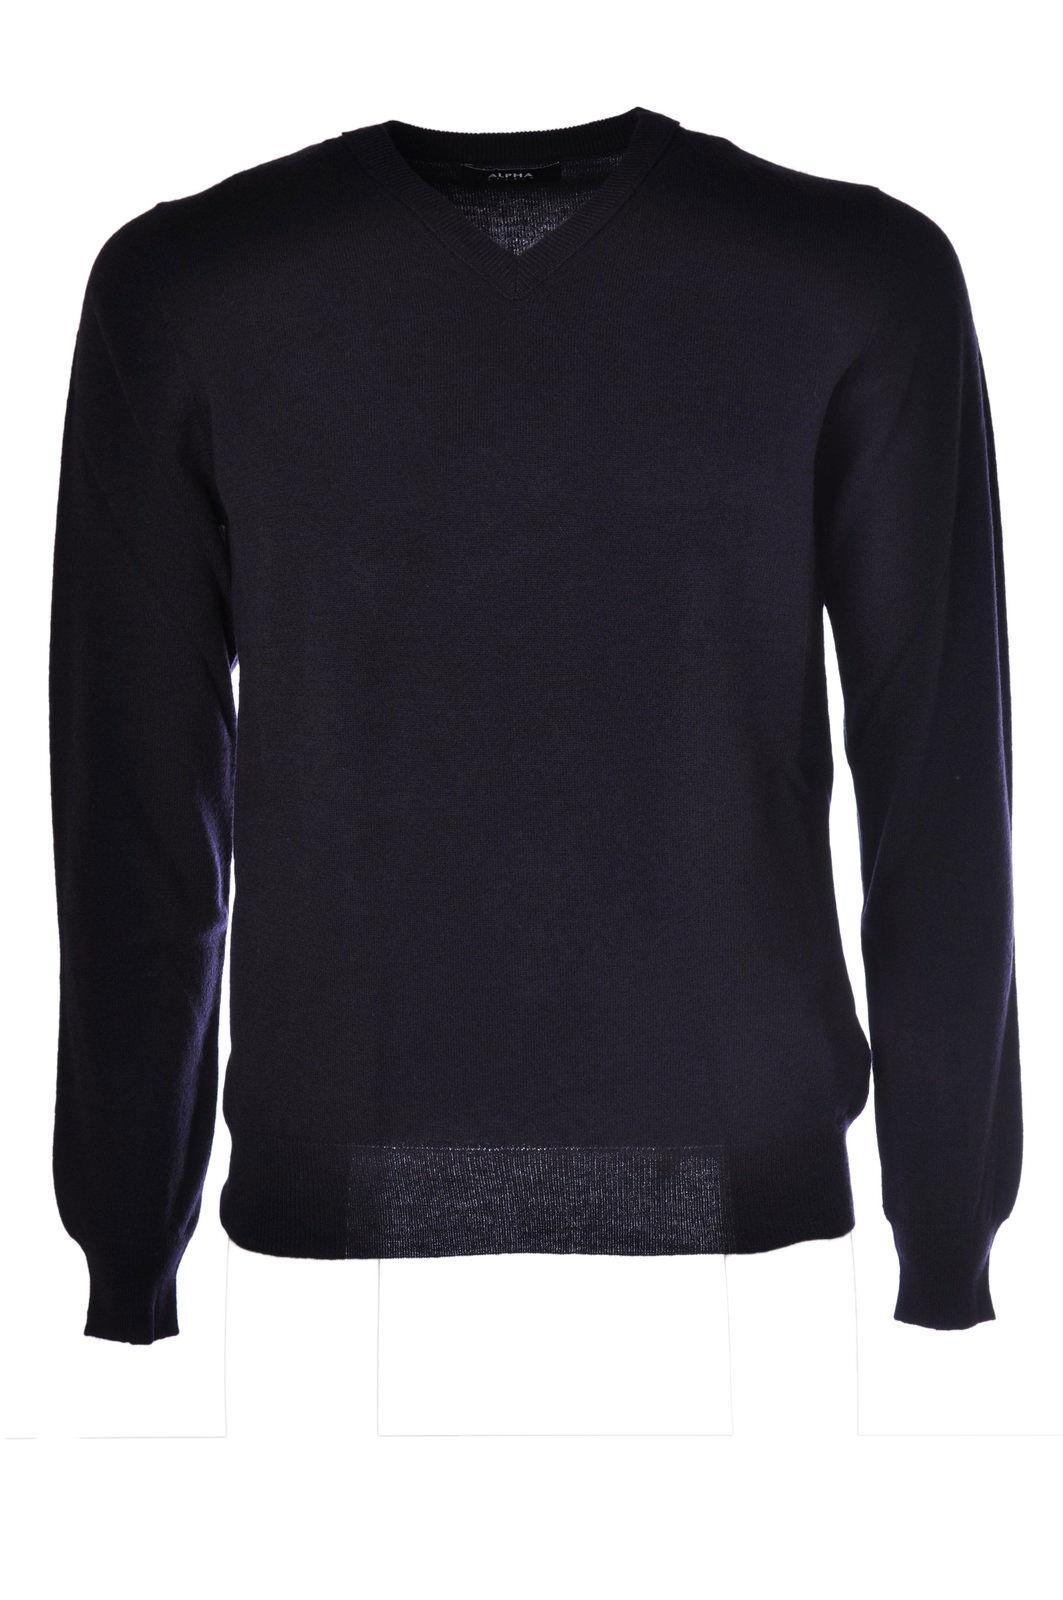 Alpha - Knitwear-Sweaters - Man - bluee - 481715C183804